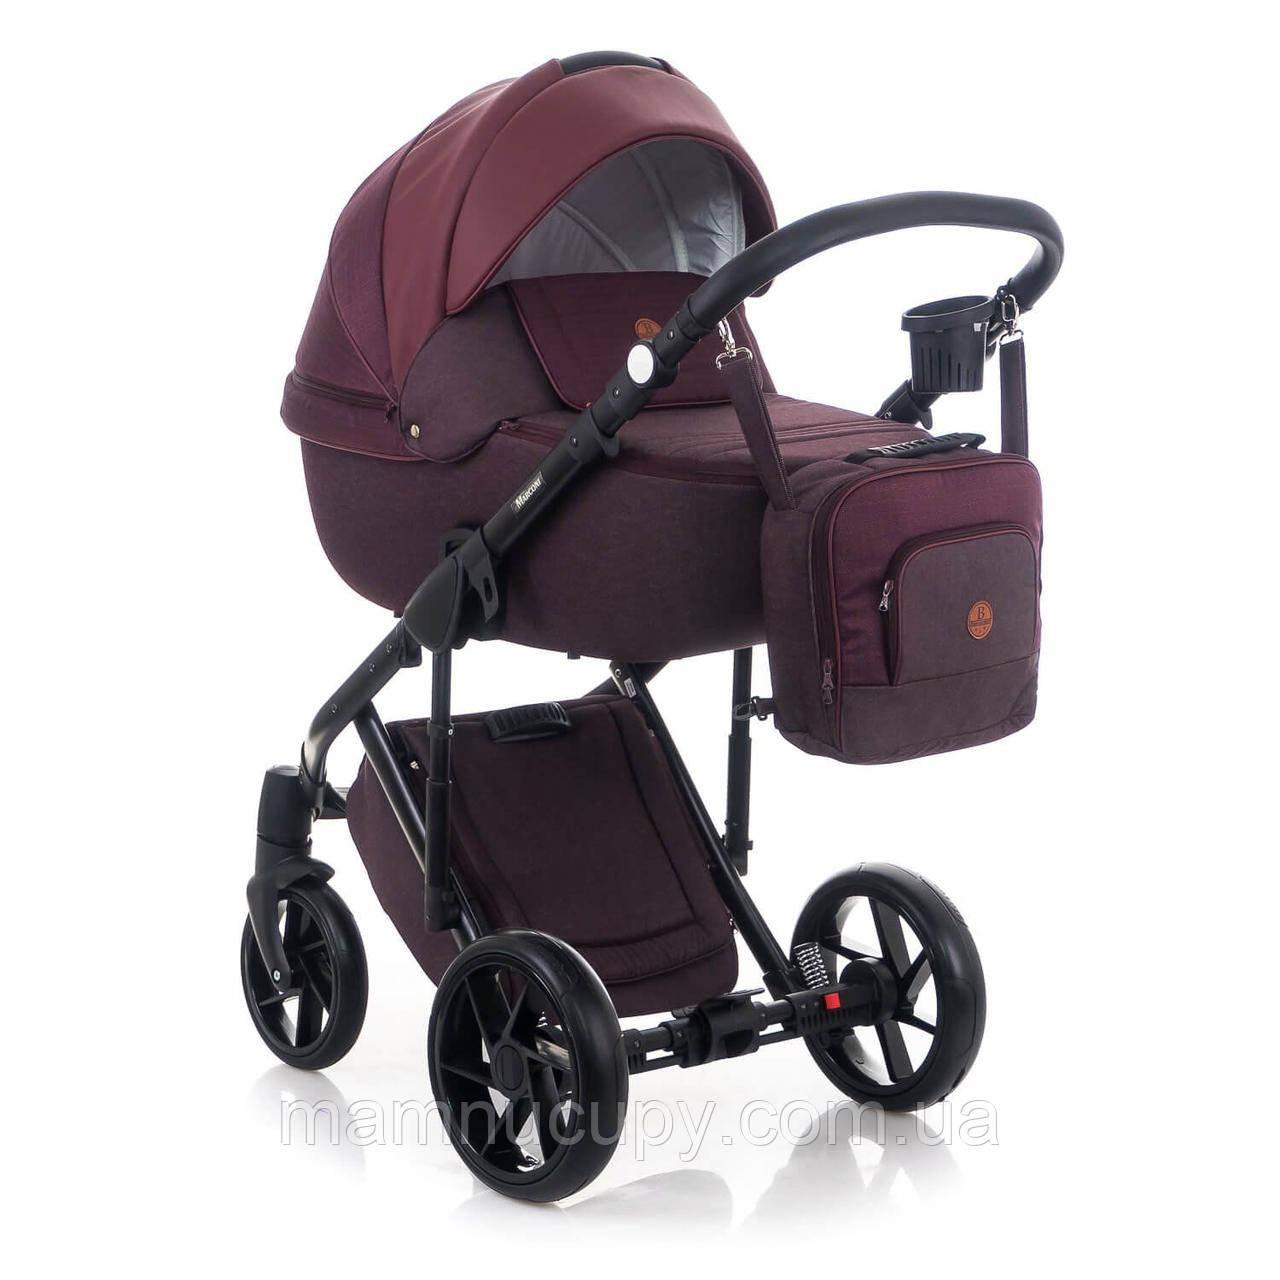 Детская универсальная коляска 2 в 1 Bebe-mobile MARCONI BE-71 (бебе-мобайл маркони)